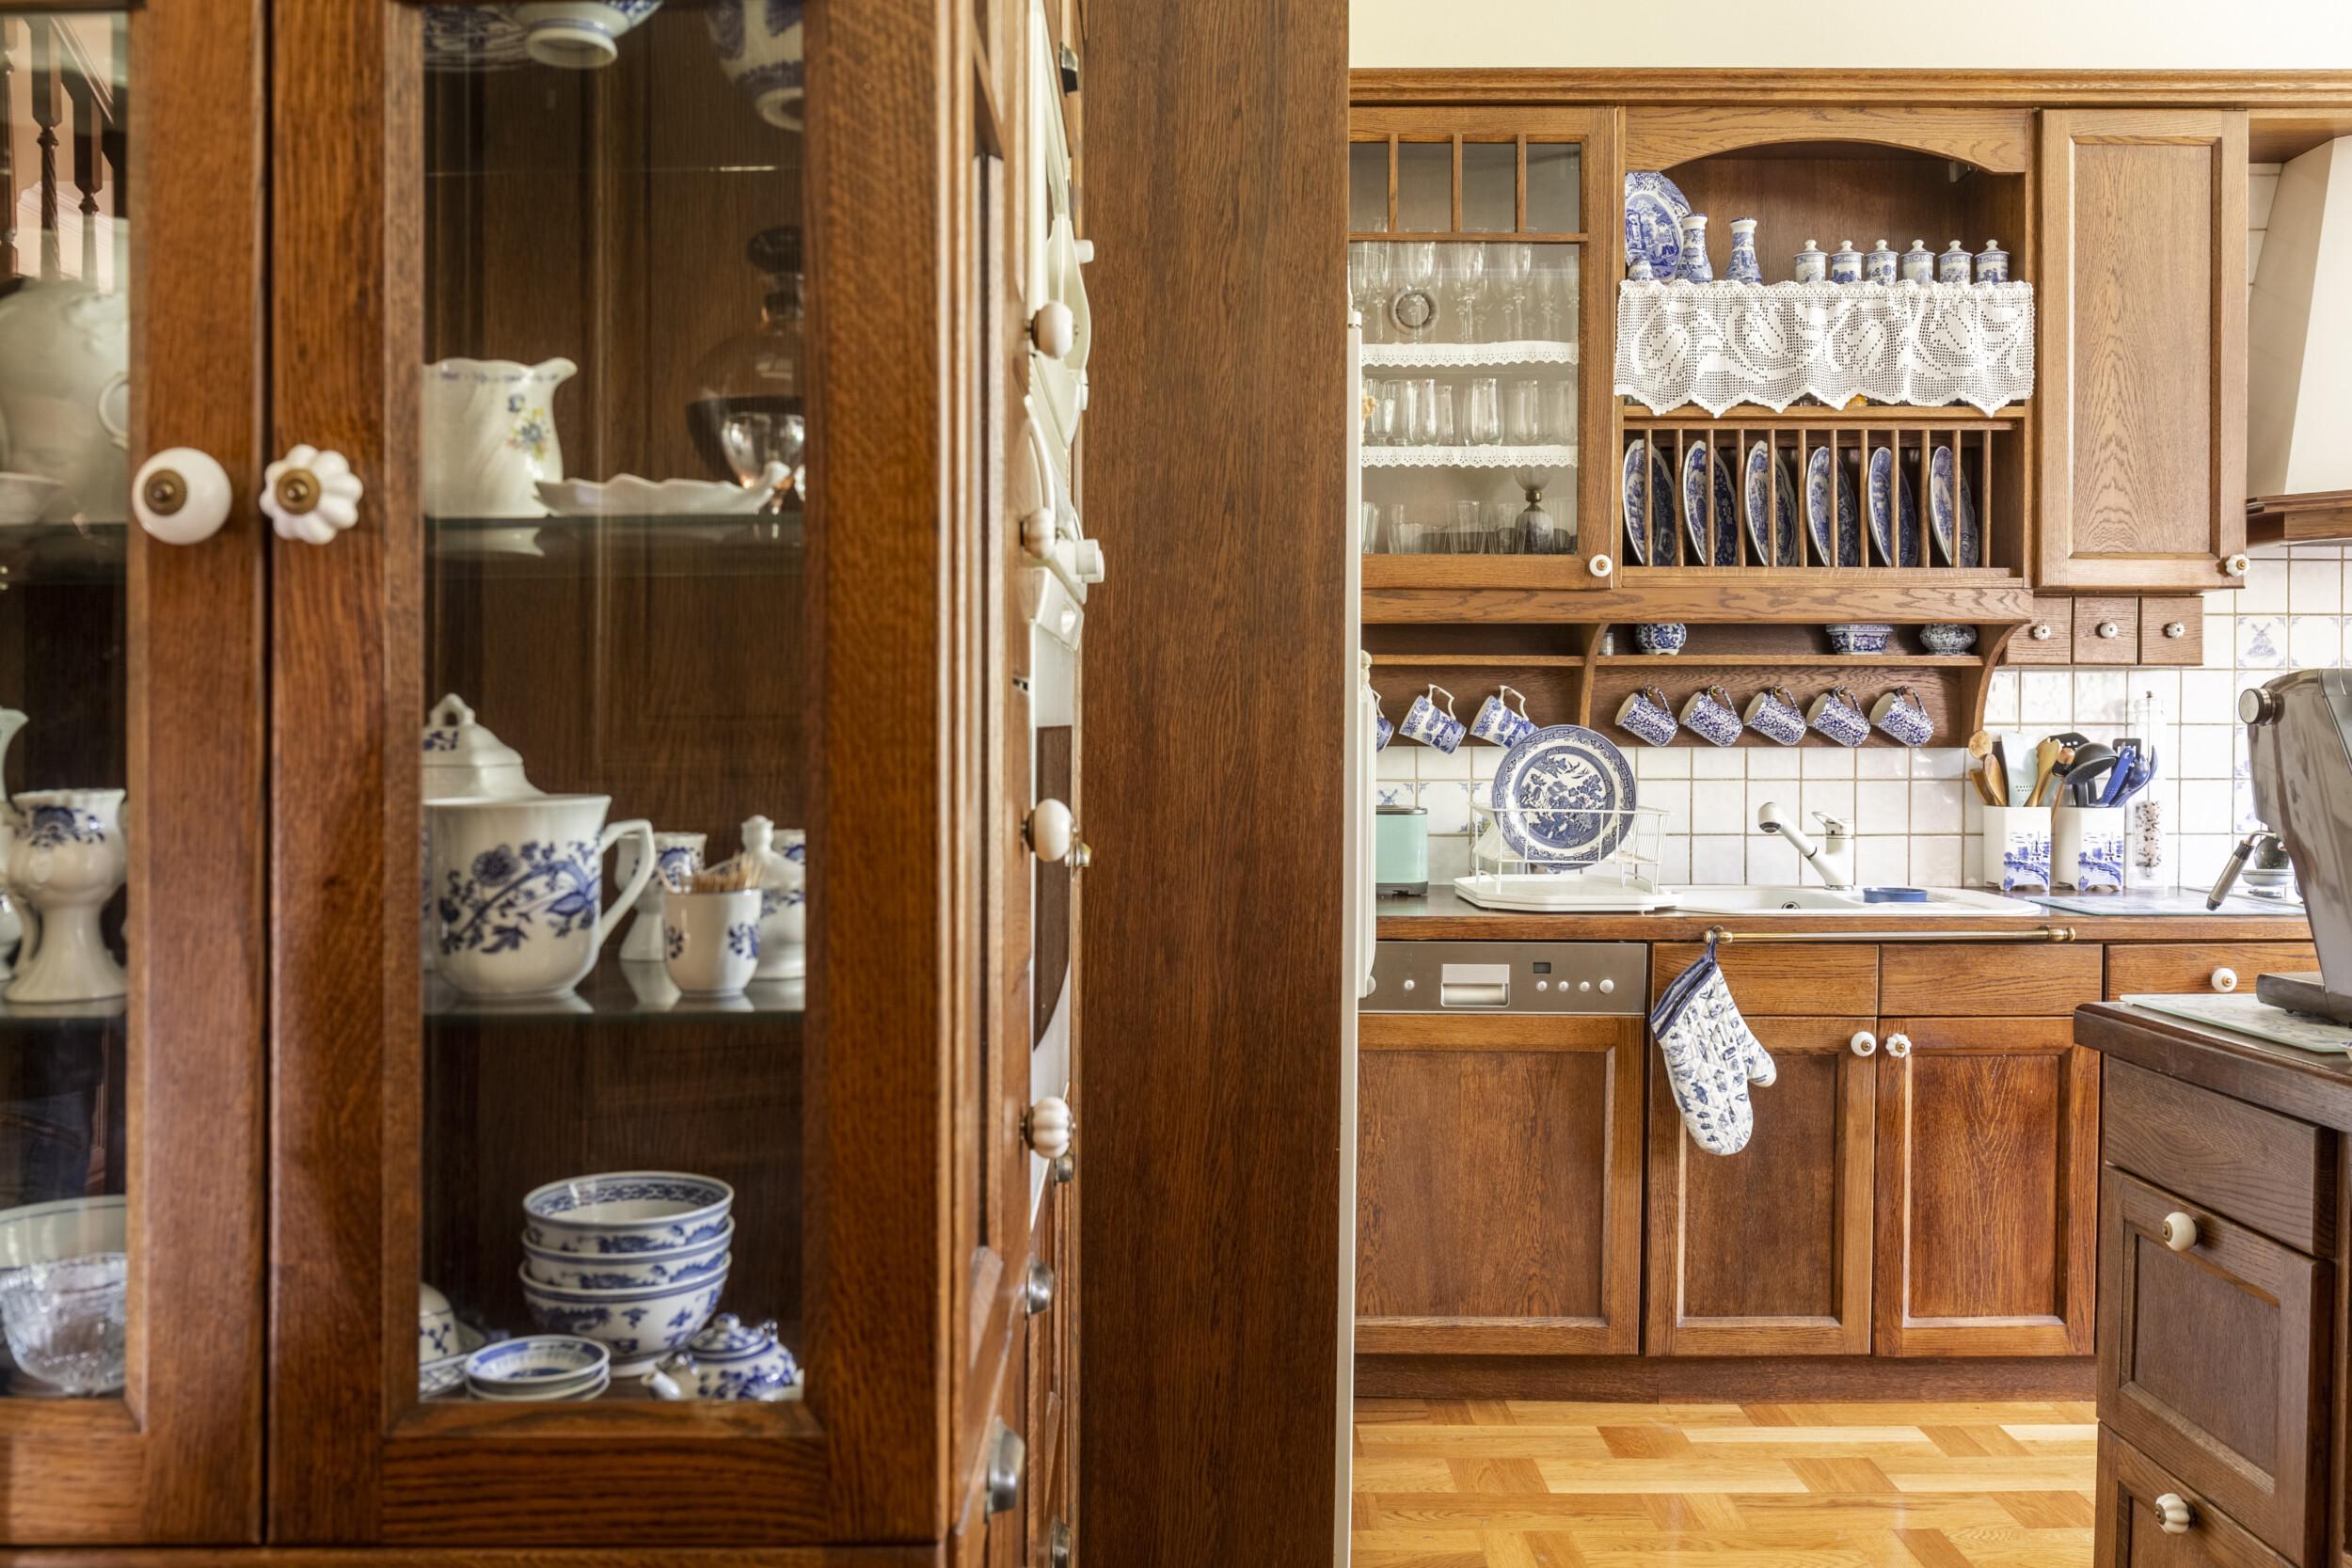 vintage inspired appliances kitchen